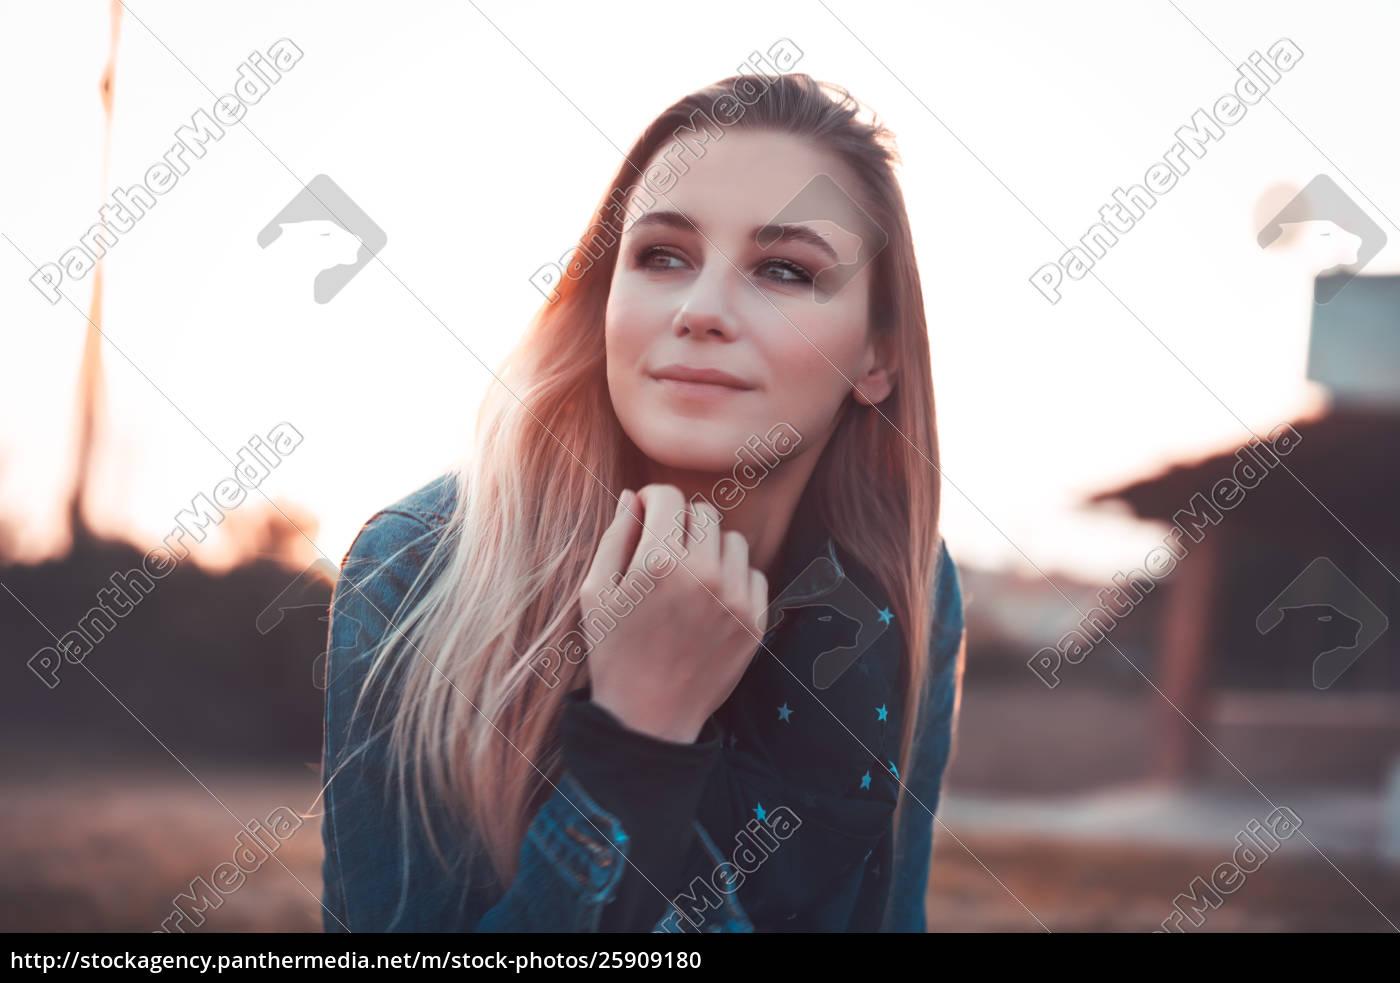 authentic, woman, portrait - 25909180